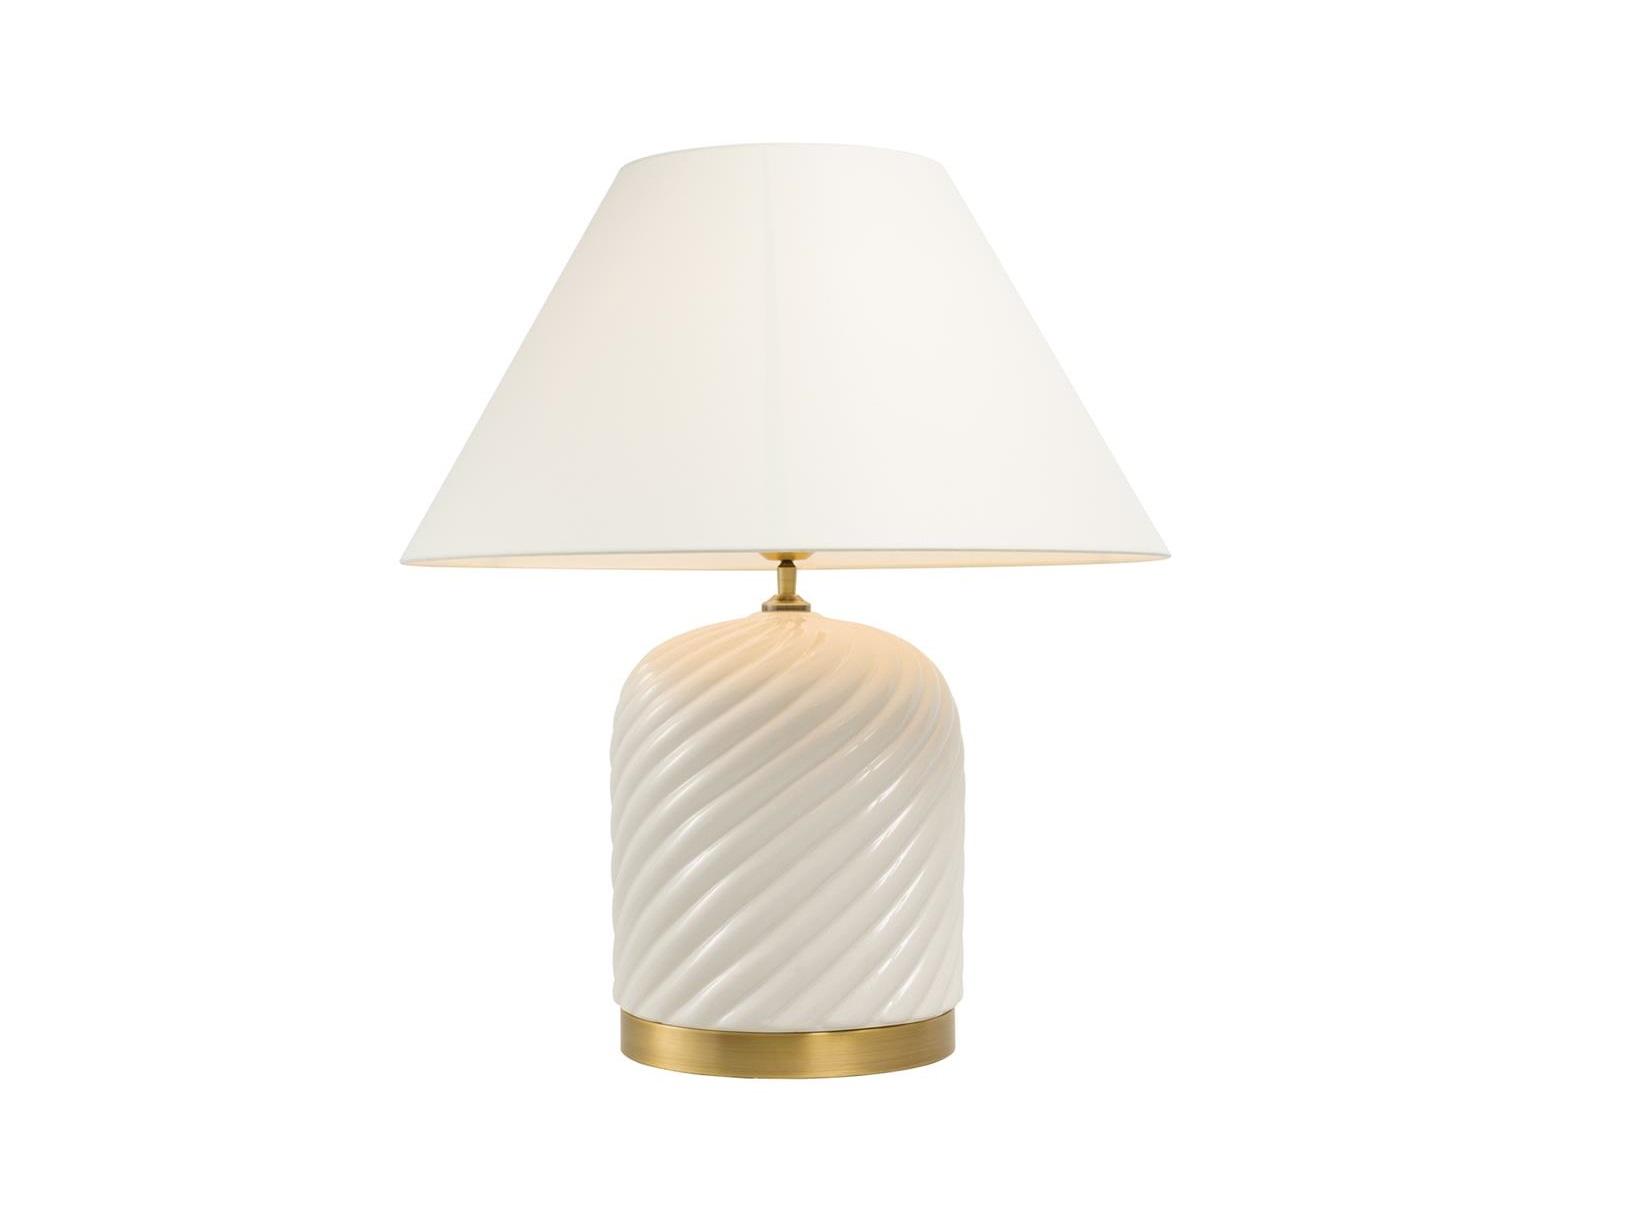 Настольная лампаДекоративные лампы<br>Настольная лампа Table Lamp Savona с вазой из керамики белого цвета. Текстильный белый абажур скрывает лампу&amp;lt;div&amp;gt;&amp;lt;br&amp;gt;&amp;lt;/div&amp;gt;&amp;lt;div&amp;gt;&amp;lt;div&amp;gt;Тип цоколя: E27&amp;lt;/div&amp;gt;&amp;lt;div&amp;gt;Мощность: 40W&amp;lt;/div&amp;gt;&amp;lt;div&amp;gt;Кол-во ламп: 1 (нет в комплекте)&amp;lt;/div&amp;gt;&amp;lt;/div&amp;gt;<br><br>Material: Керамика<br>Height см: 66<br>Diameter см: 58